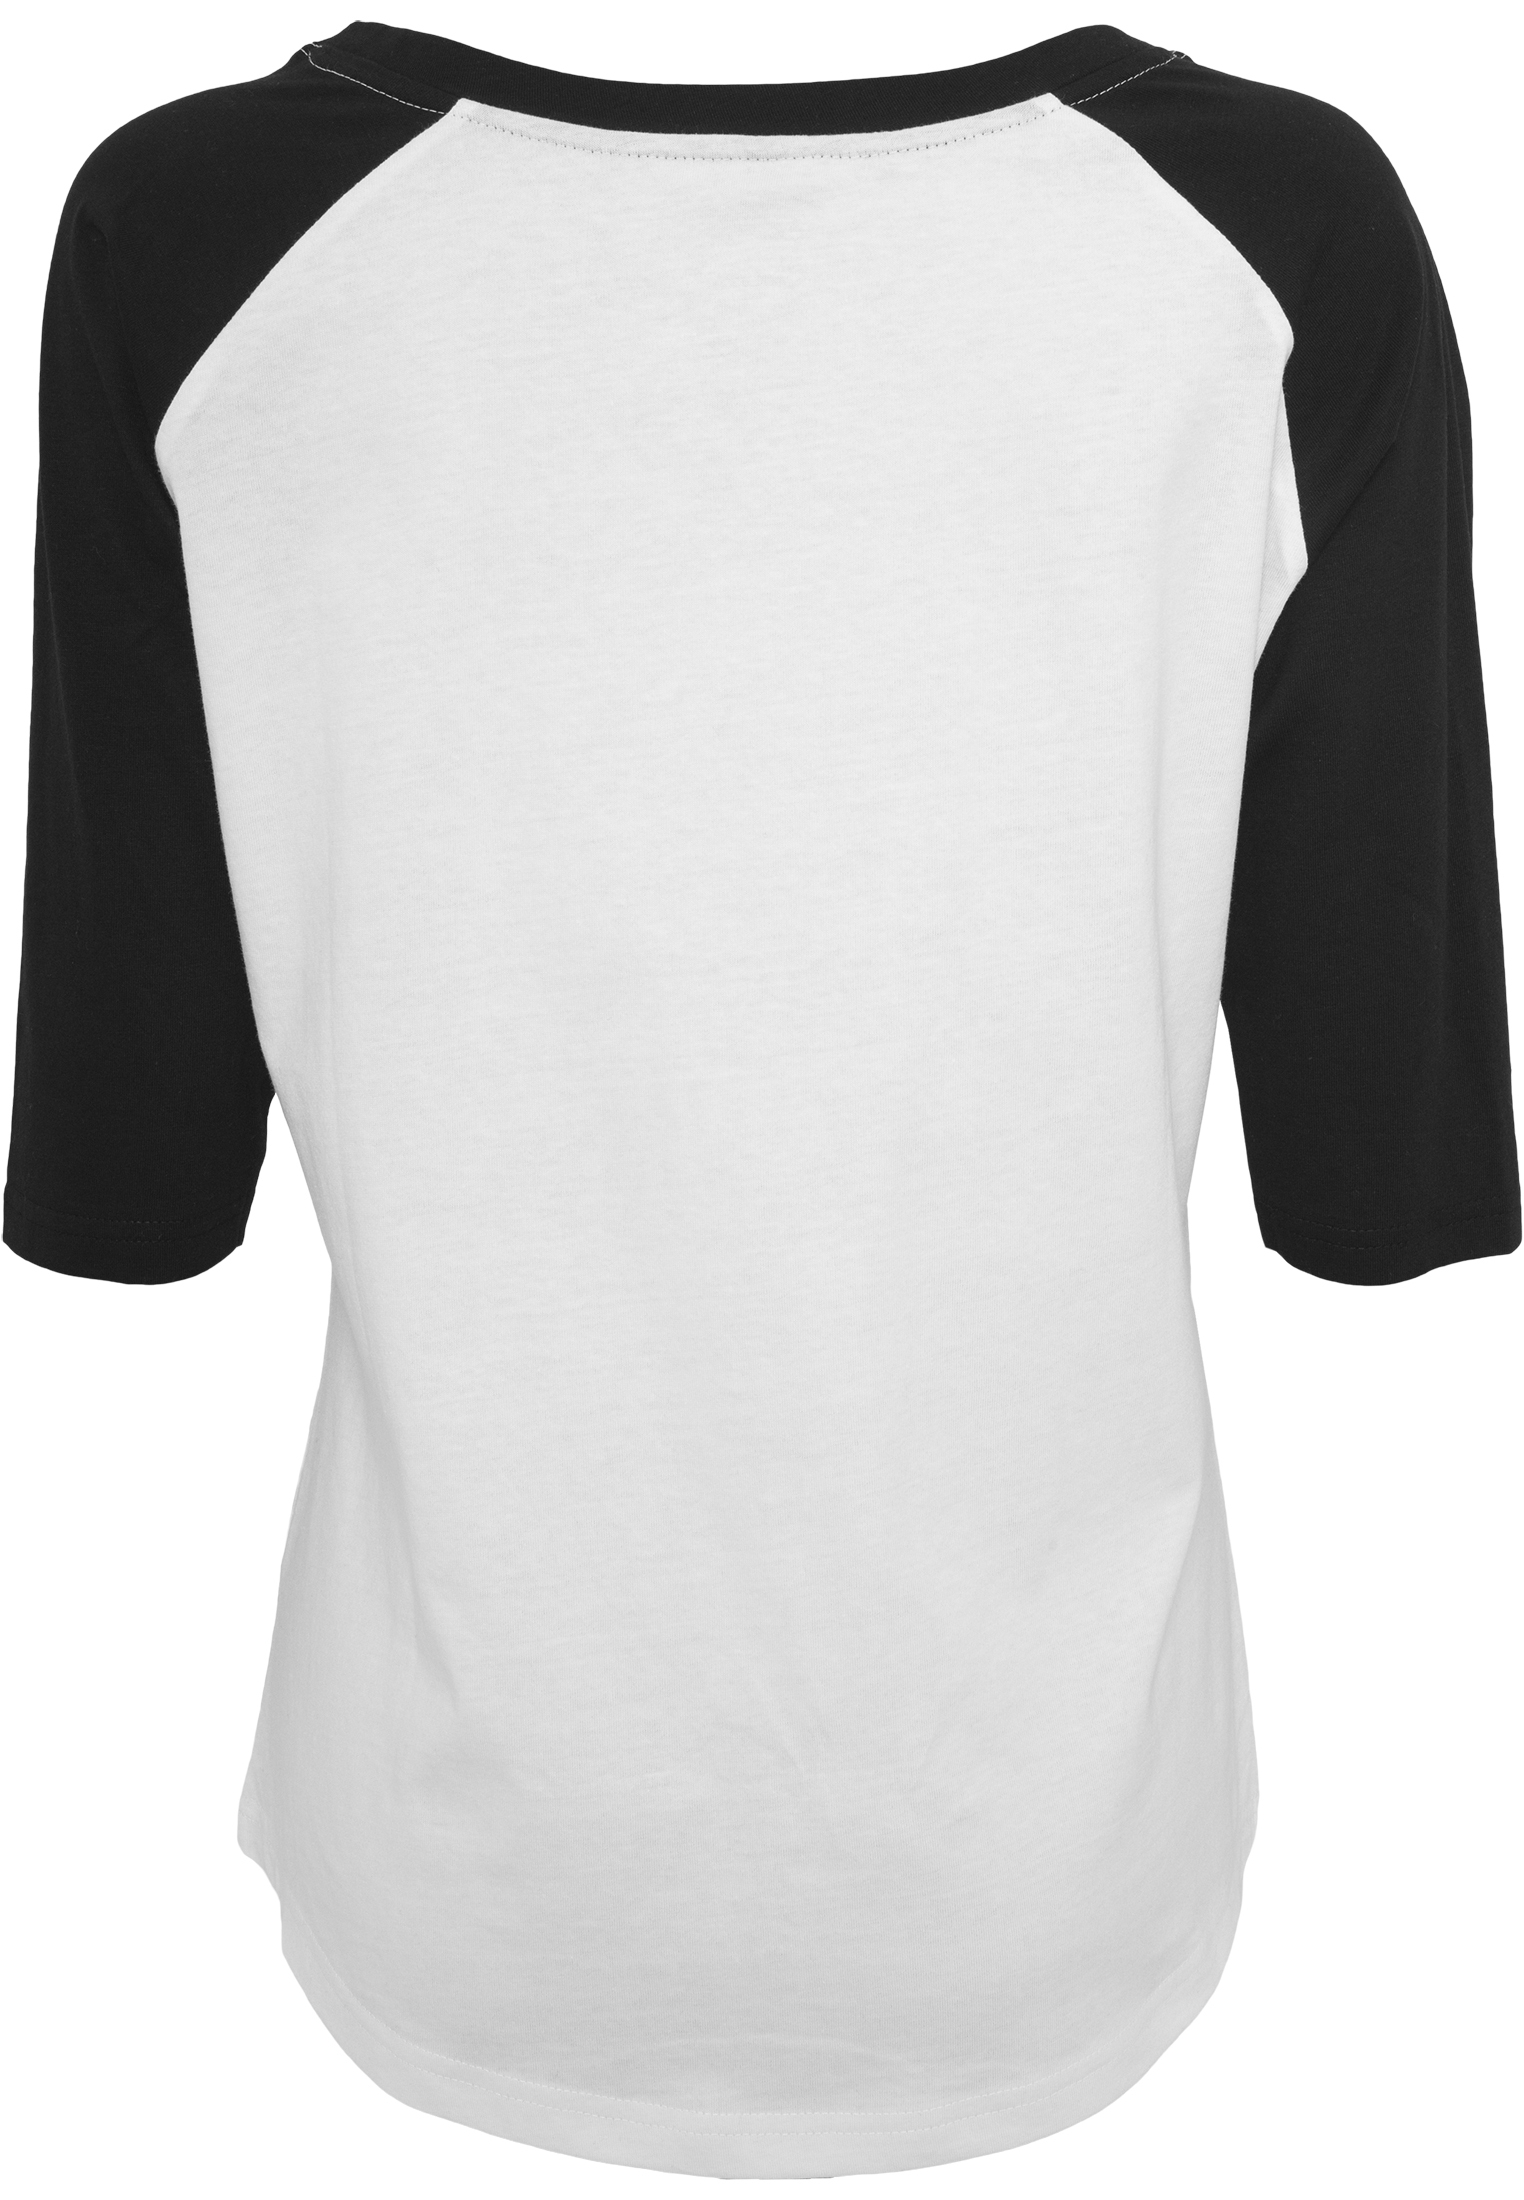 T-shirts Herrenbekleidung & Zubehör Neueste Kollektion Von Harajuku Hip Hop Skateboard T-shirt Streetwear Männer Reflektierende Dance T Shirt Männer Casual T Shirt Baumwolle Tees T-shirts Für Jungen